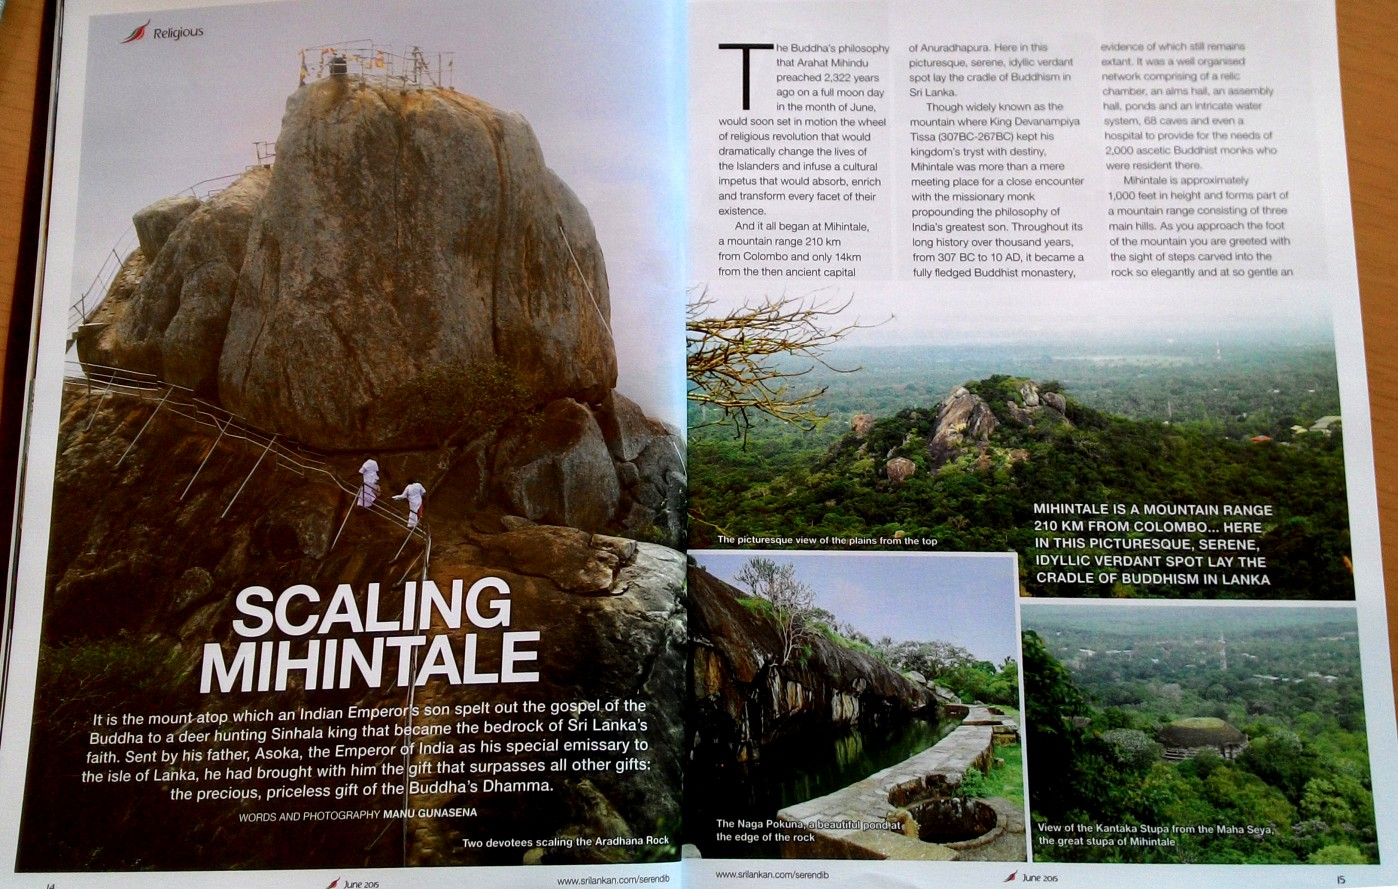 Скала Михинтале (Mihintale) на Шри-Ланке. Так же красива, как и знаменитая Сигирия. Рекомендую включить эту достопримечательность в план путешествия.